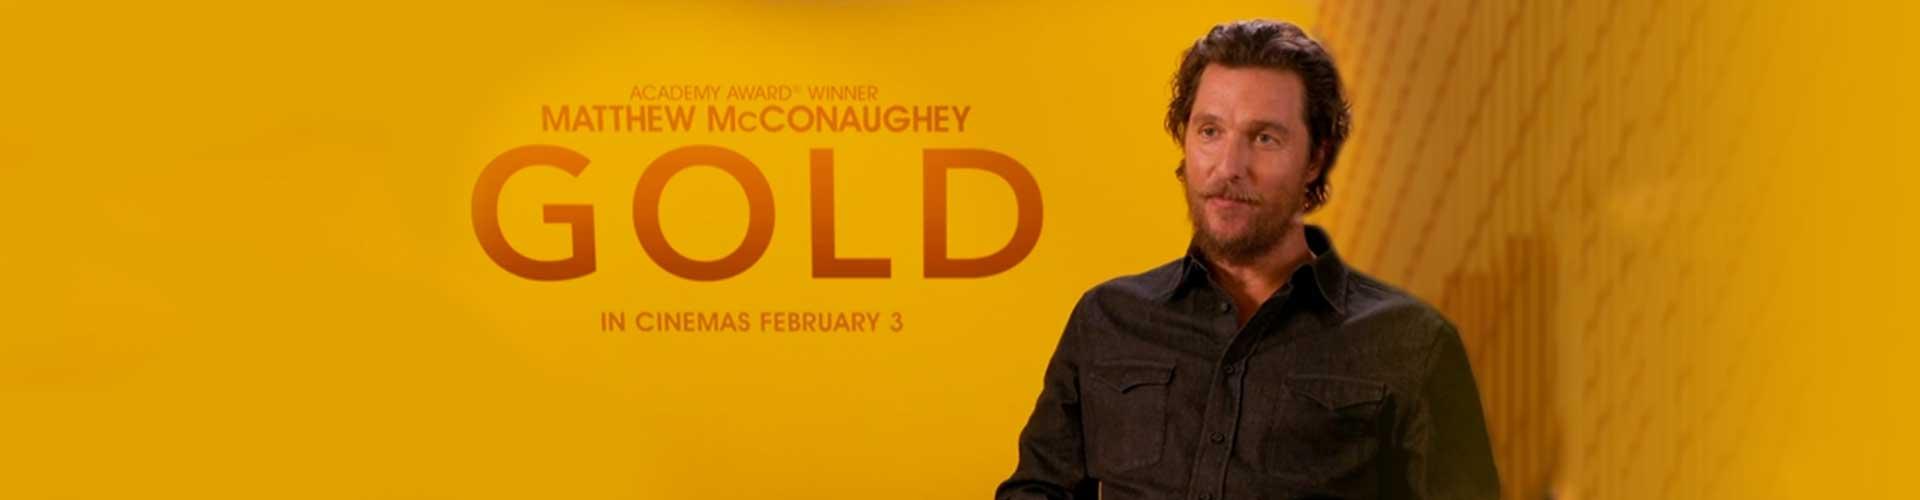 Matthew-McConaughey-interview-header.jpg